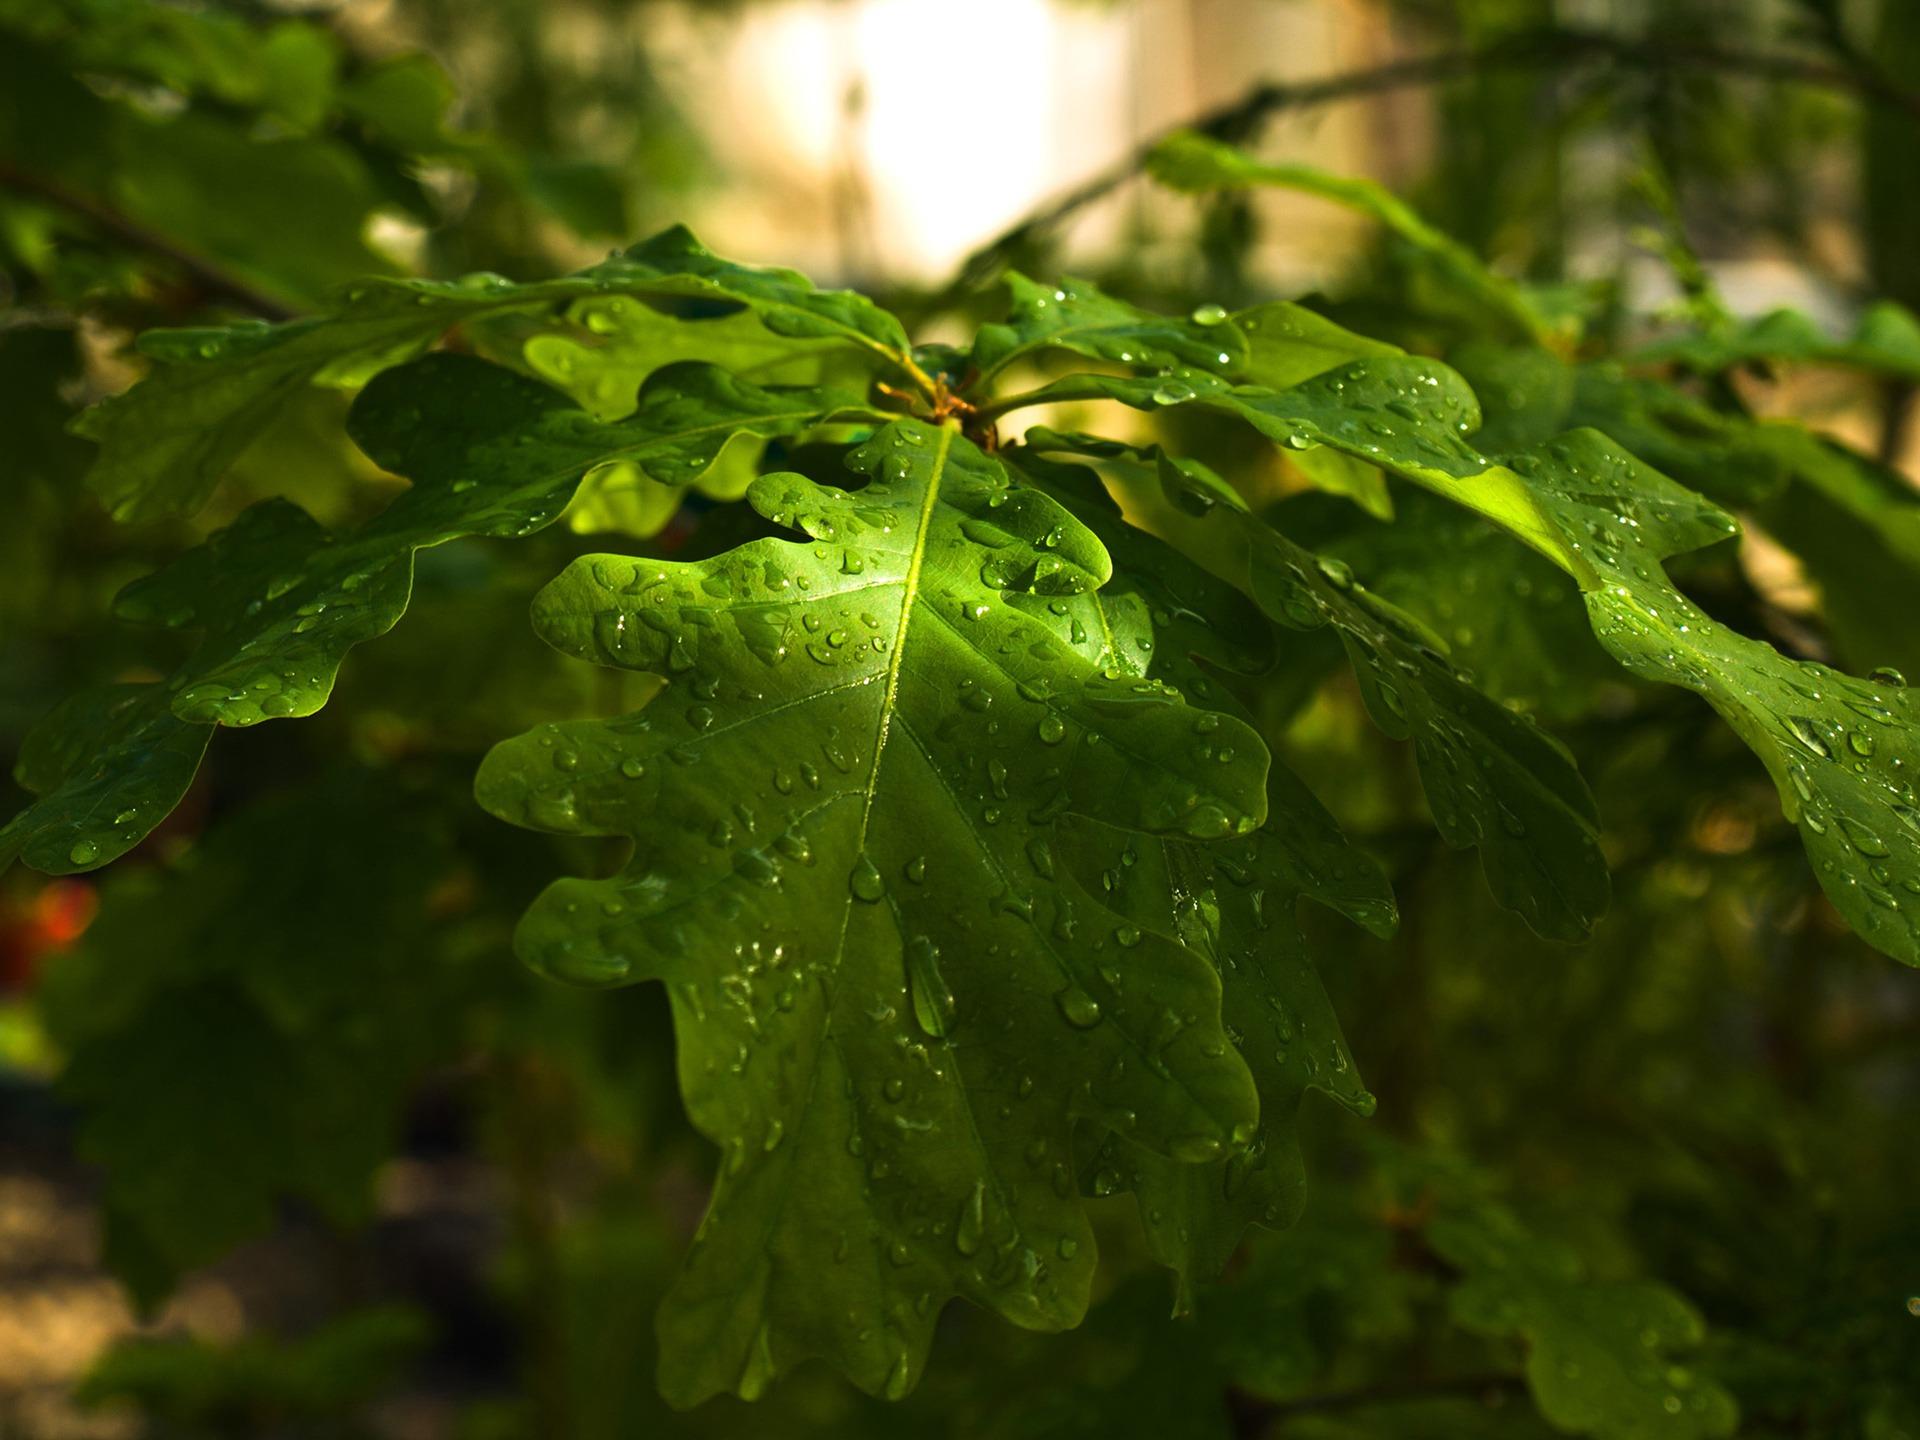 Home Screen Wallpaper Fall Dewy Oak Leaves Wallpaper Plants Nature Wallpapers In Jpg